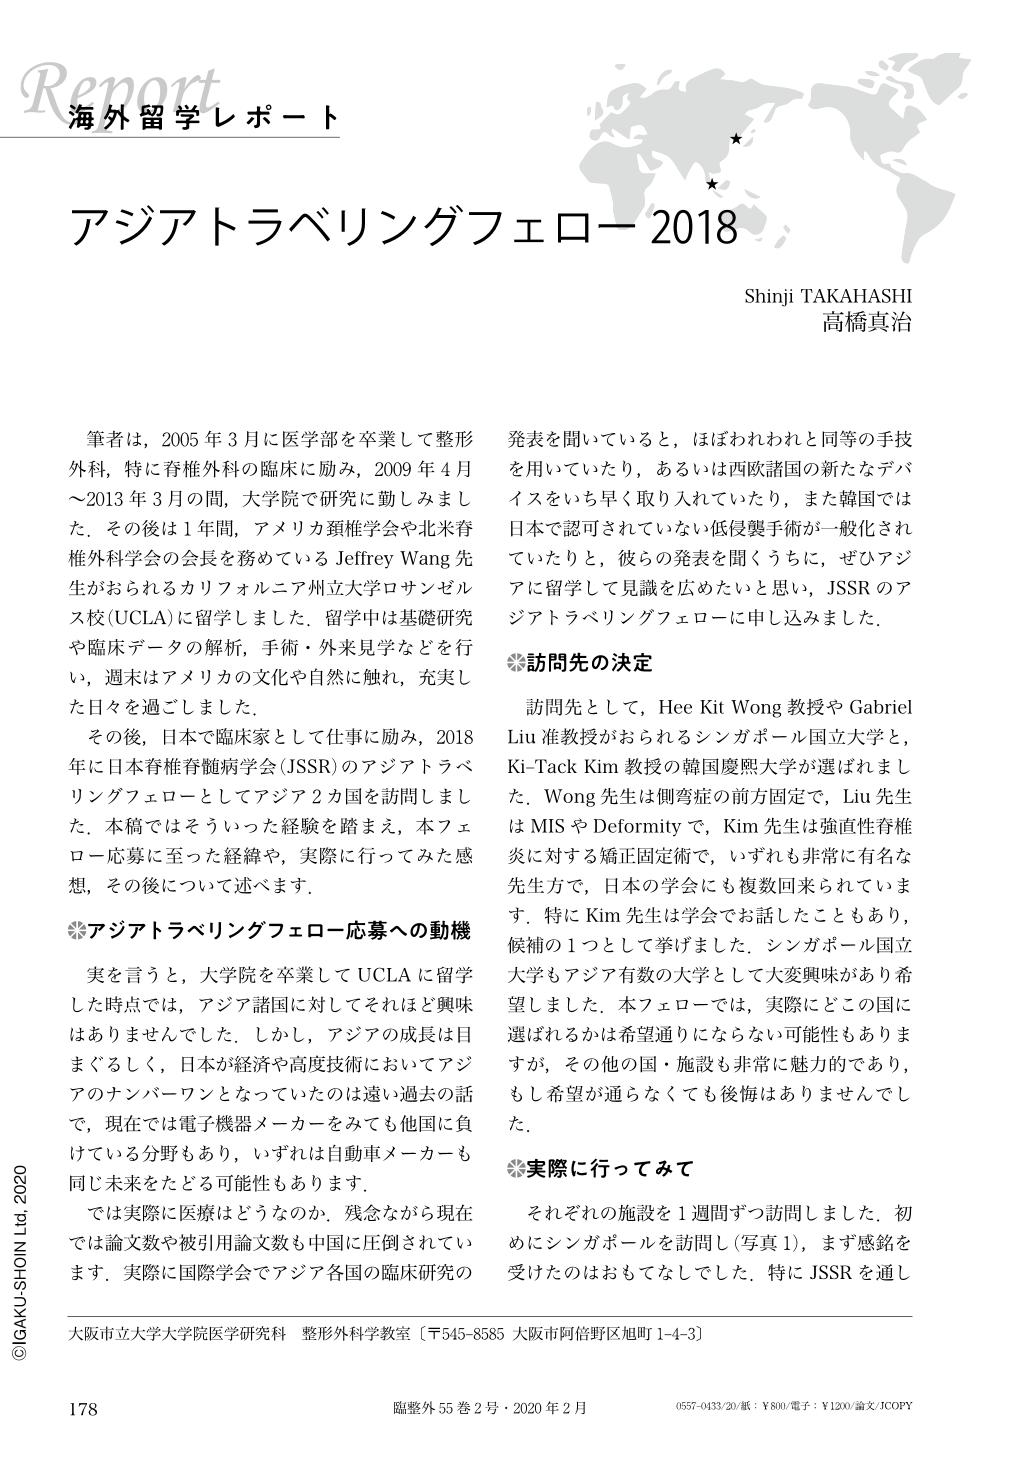 病 脊椎 学会 2020 脊髄 一般社団法人 日本脊椎脊髄病学会(会員・医療関係の皆さん)